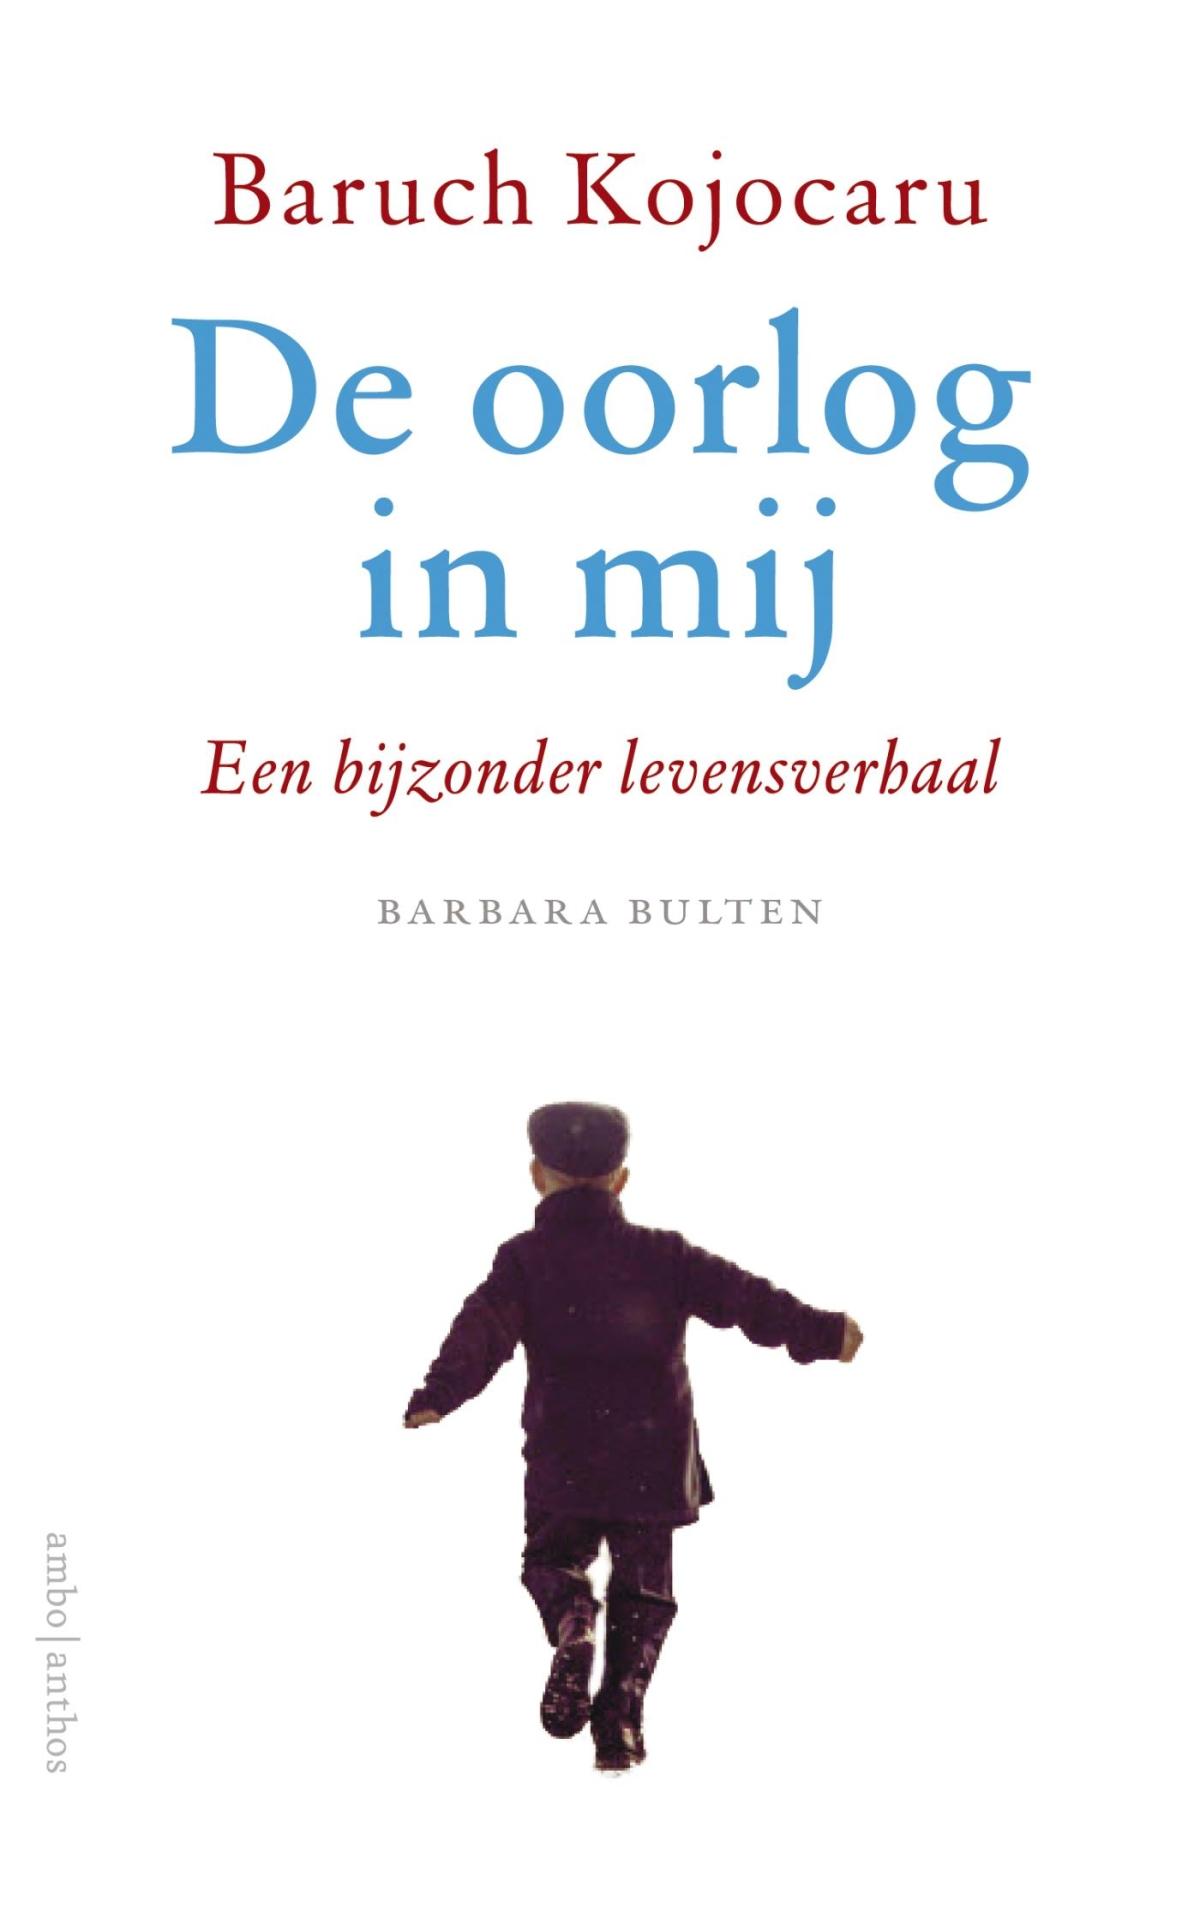 De oorlog in mij - Barbara Bulten